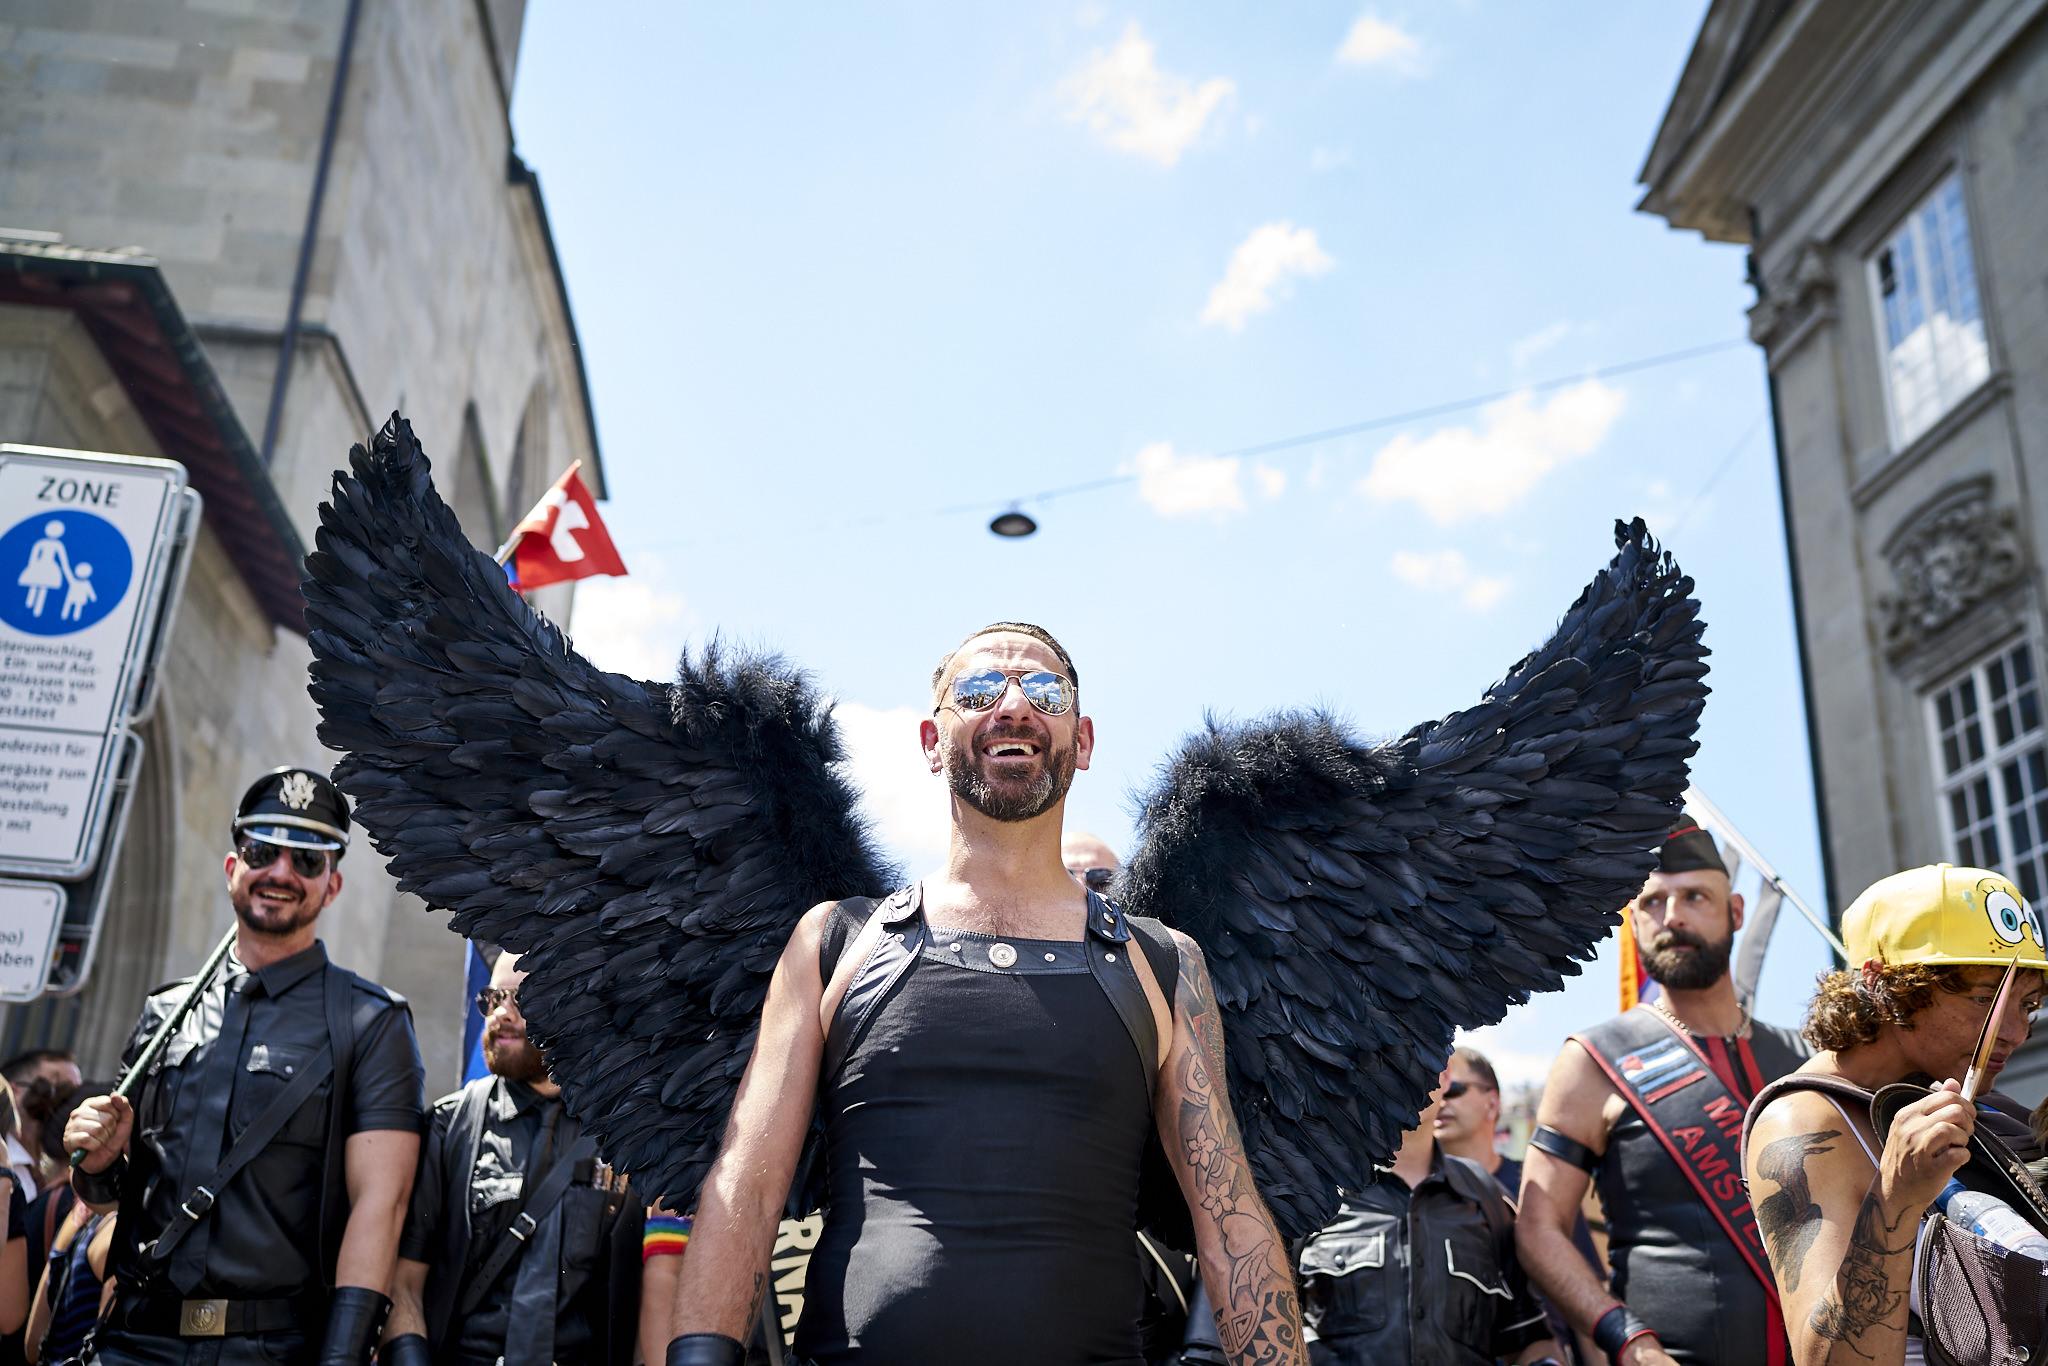 Zurich Pride Parade 2017 LME05668.jpg